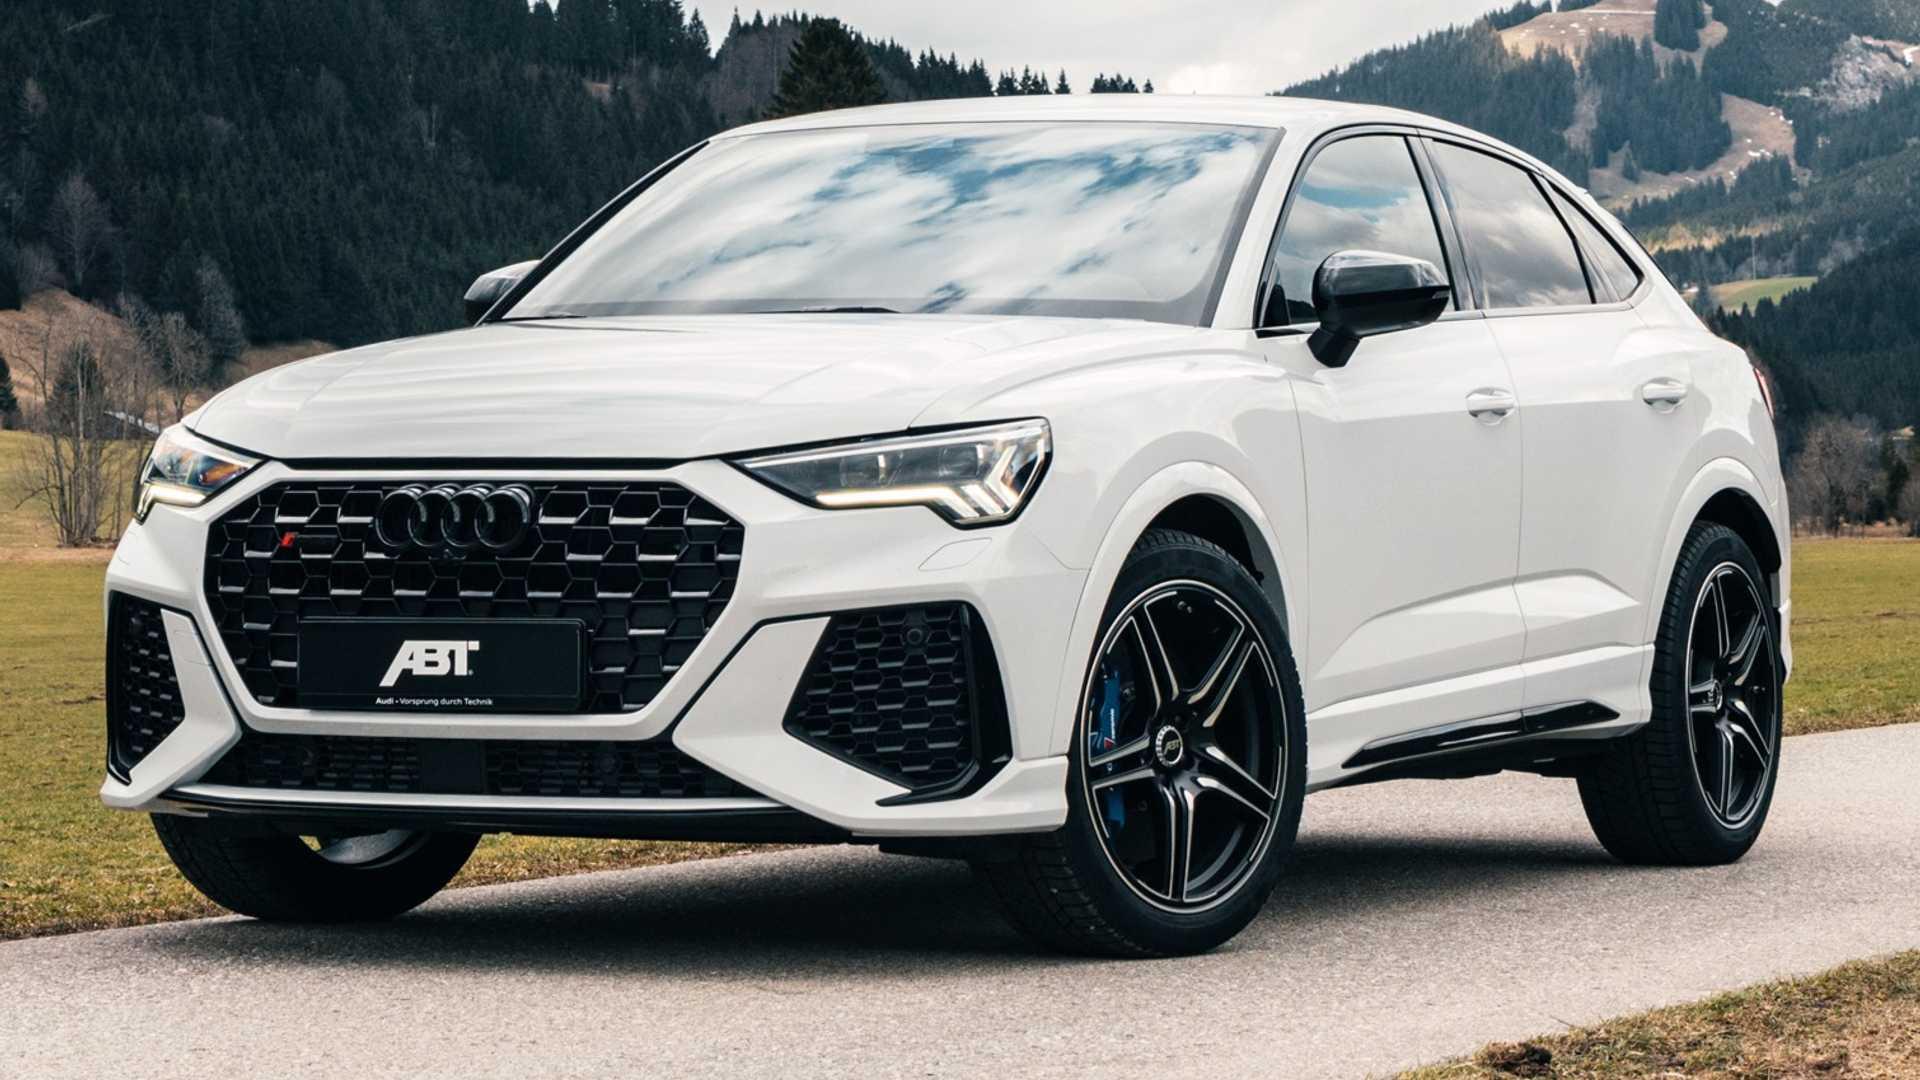 """Audi наконец представила """"заряженные"""" кроссоверы rs q3 и rs q3 sportback"""